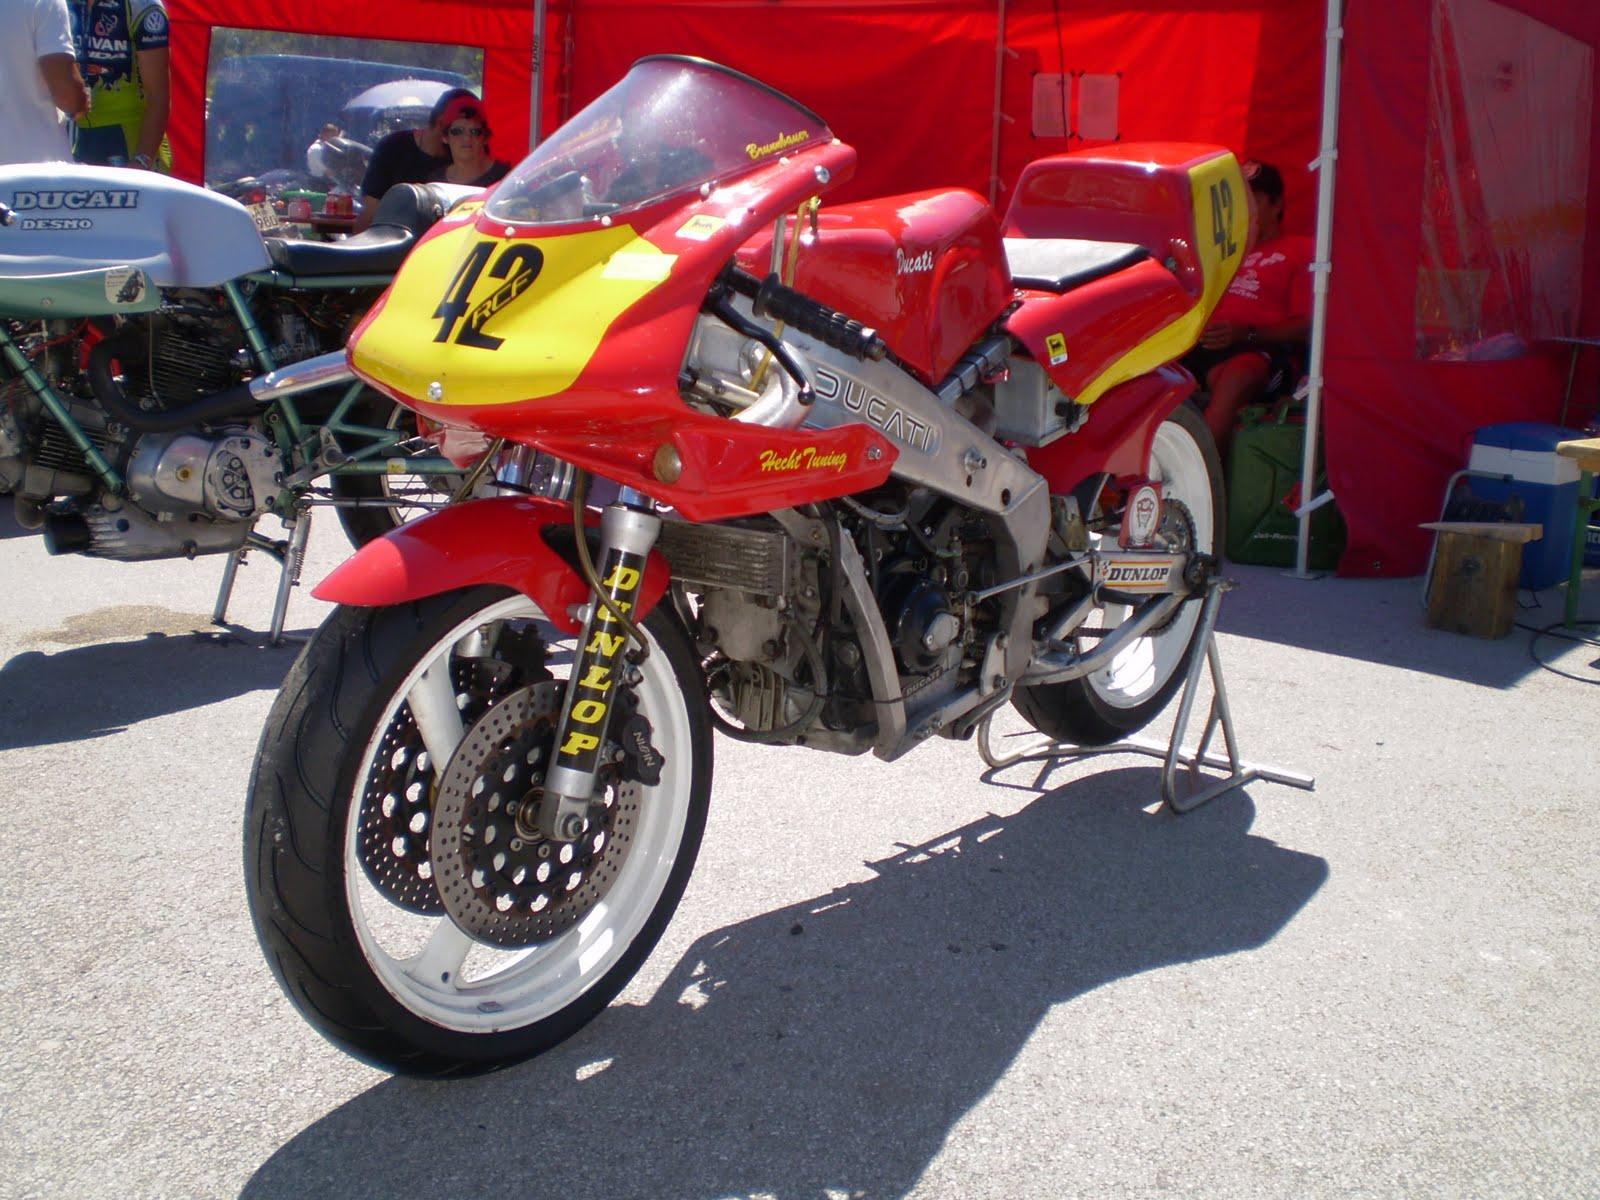 Ducati Supermono Value